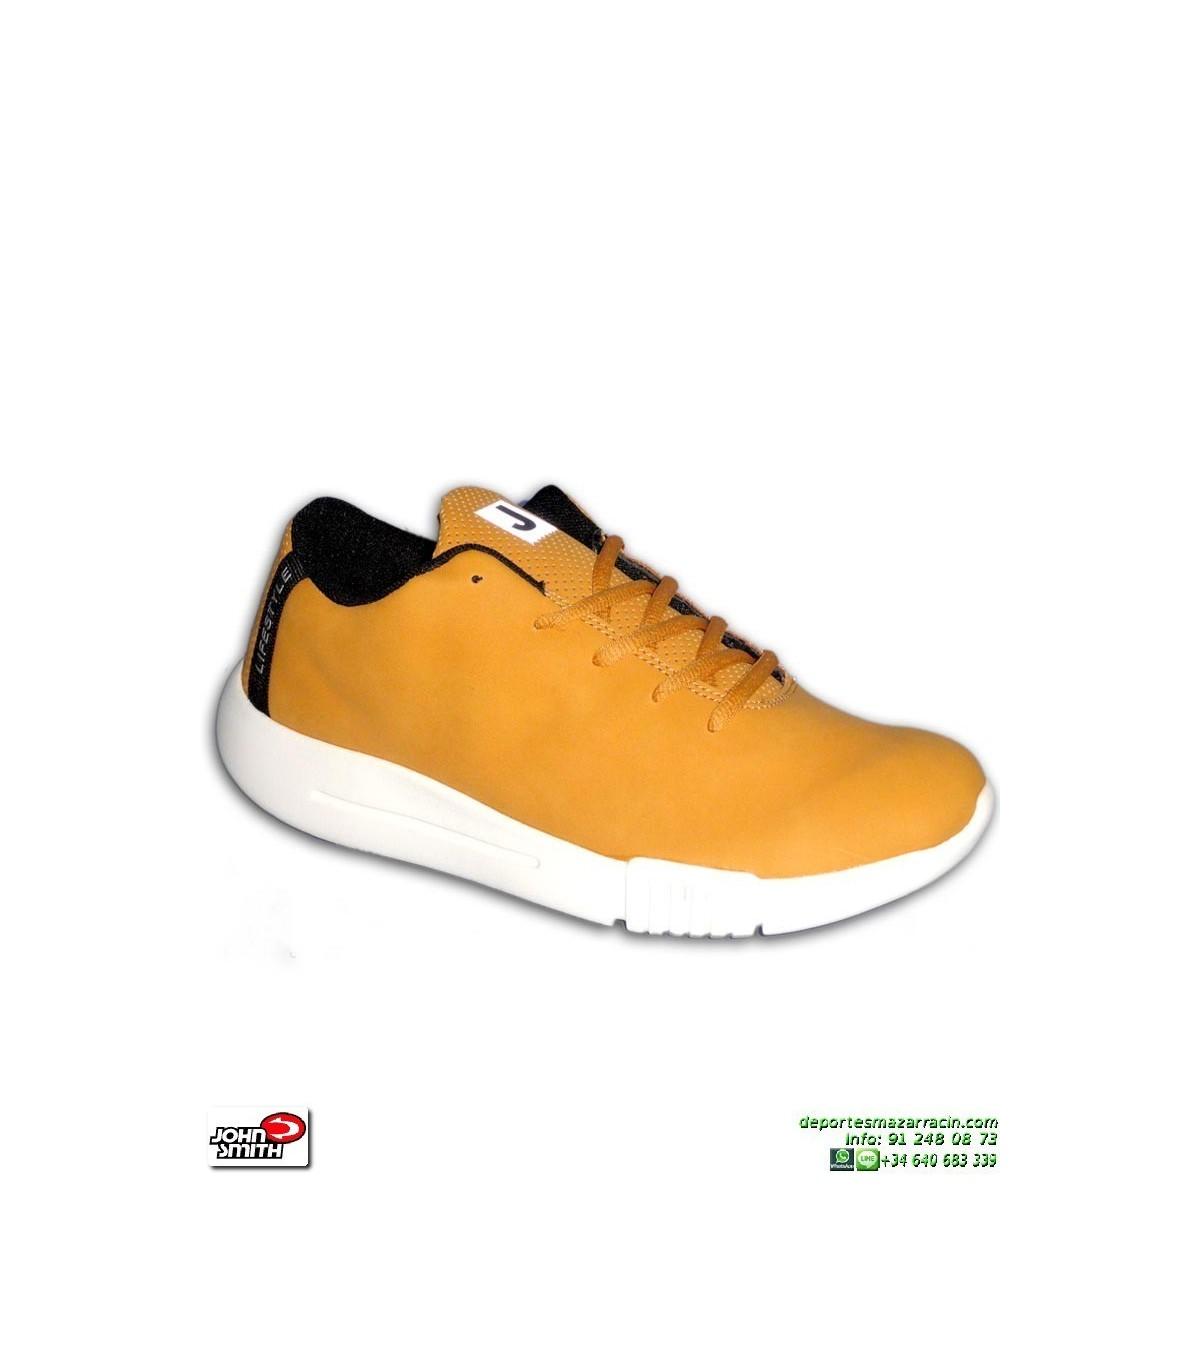 435db98ab17 Sneakers Lifestyle John Smith ATIN Camel Hombre deportiva zapatilla.  Sneakers Lifestyle John Smith ATIN Camel Hombre deportiva zapatilla